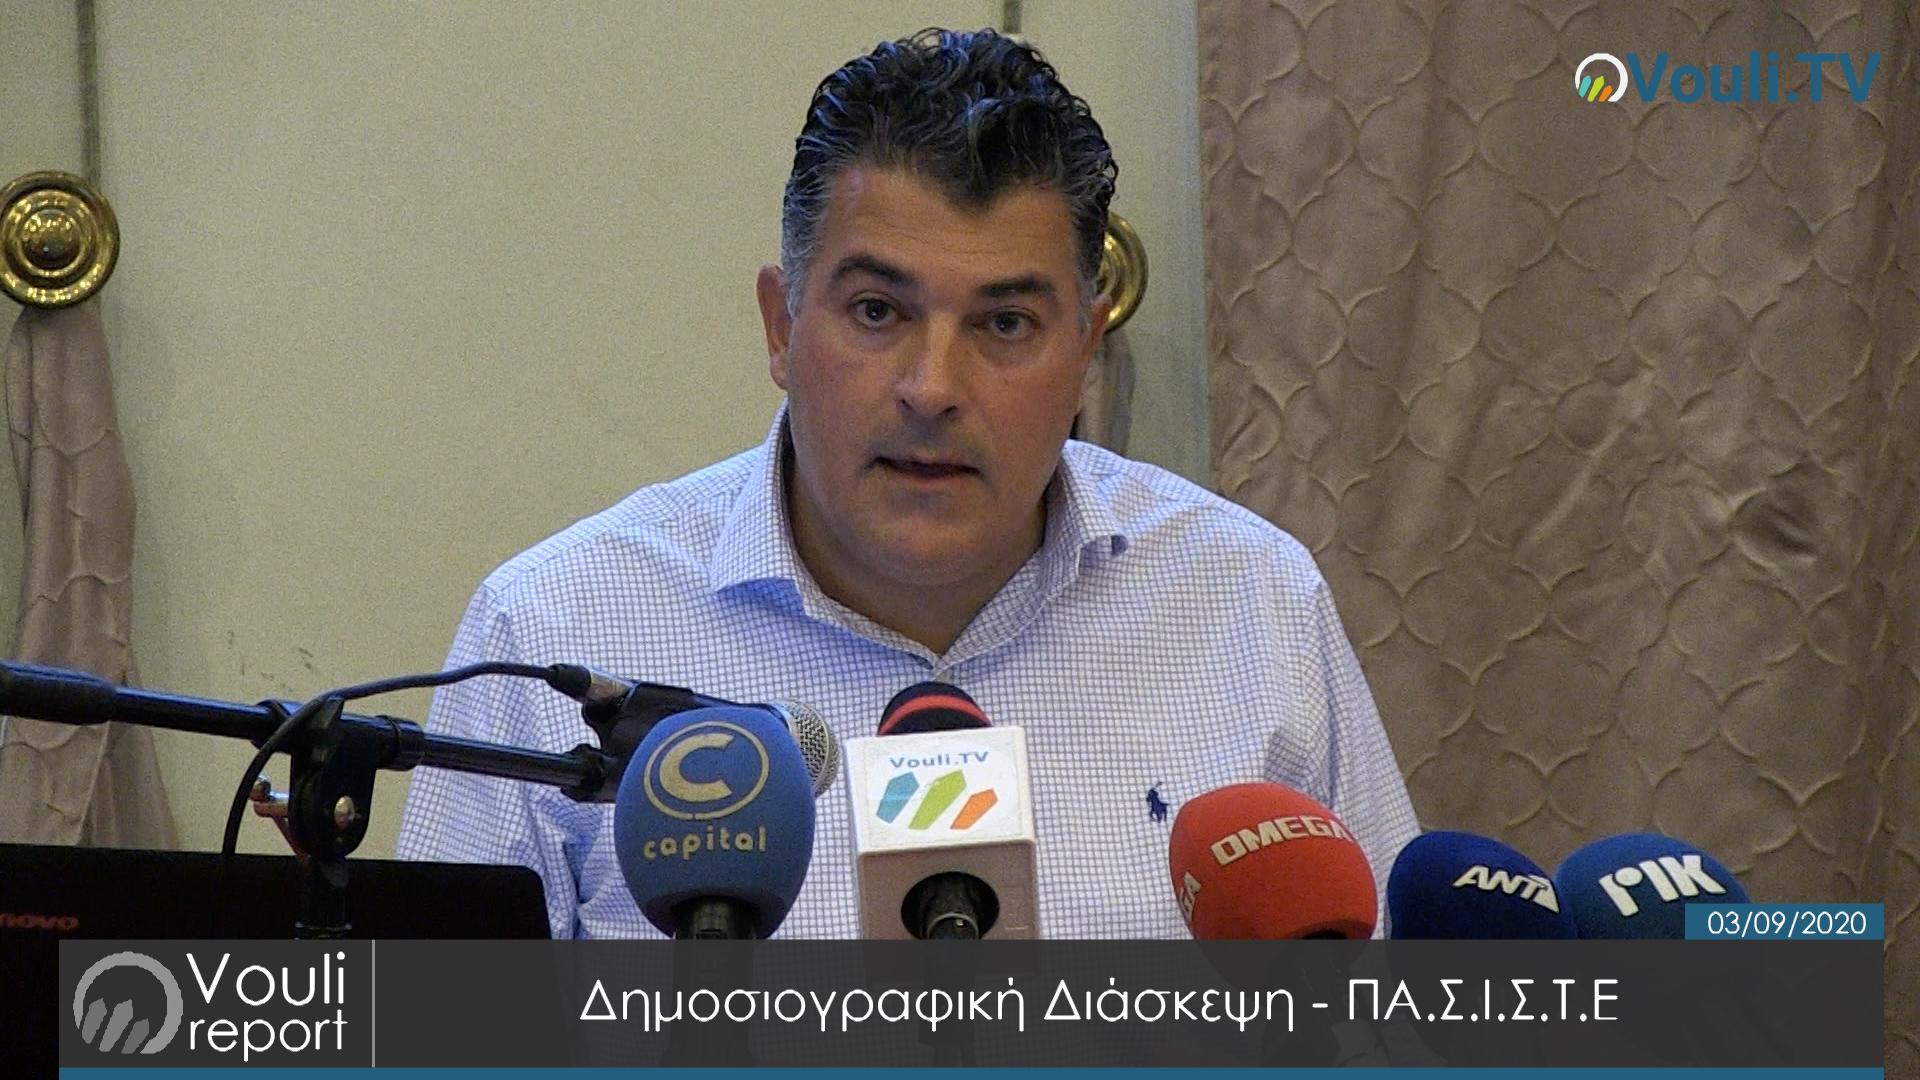 Δημοσιογραφική Διάσκεψη - ΠΑ.Σ.Ι.Σ.Τ.Ε   03/09/2020